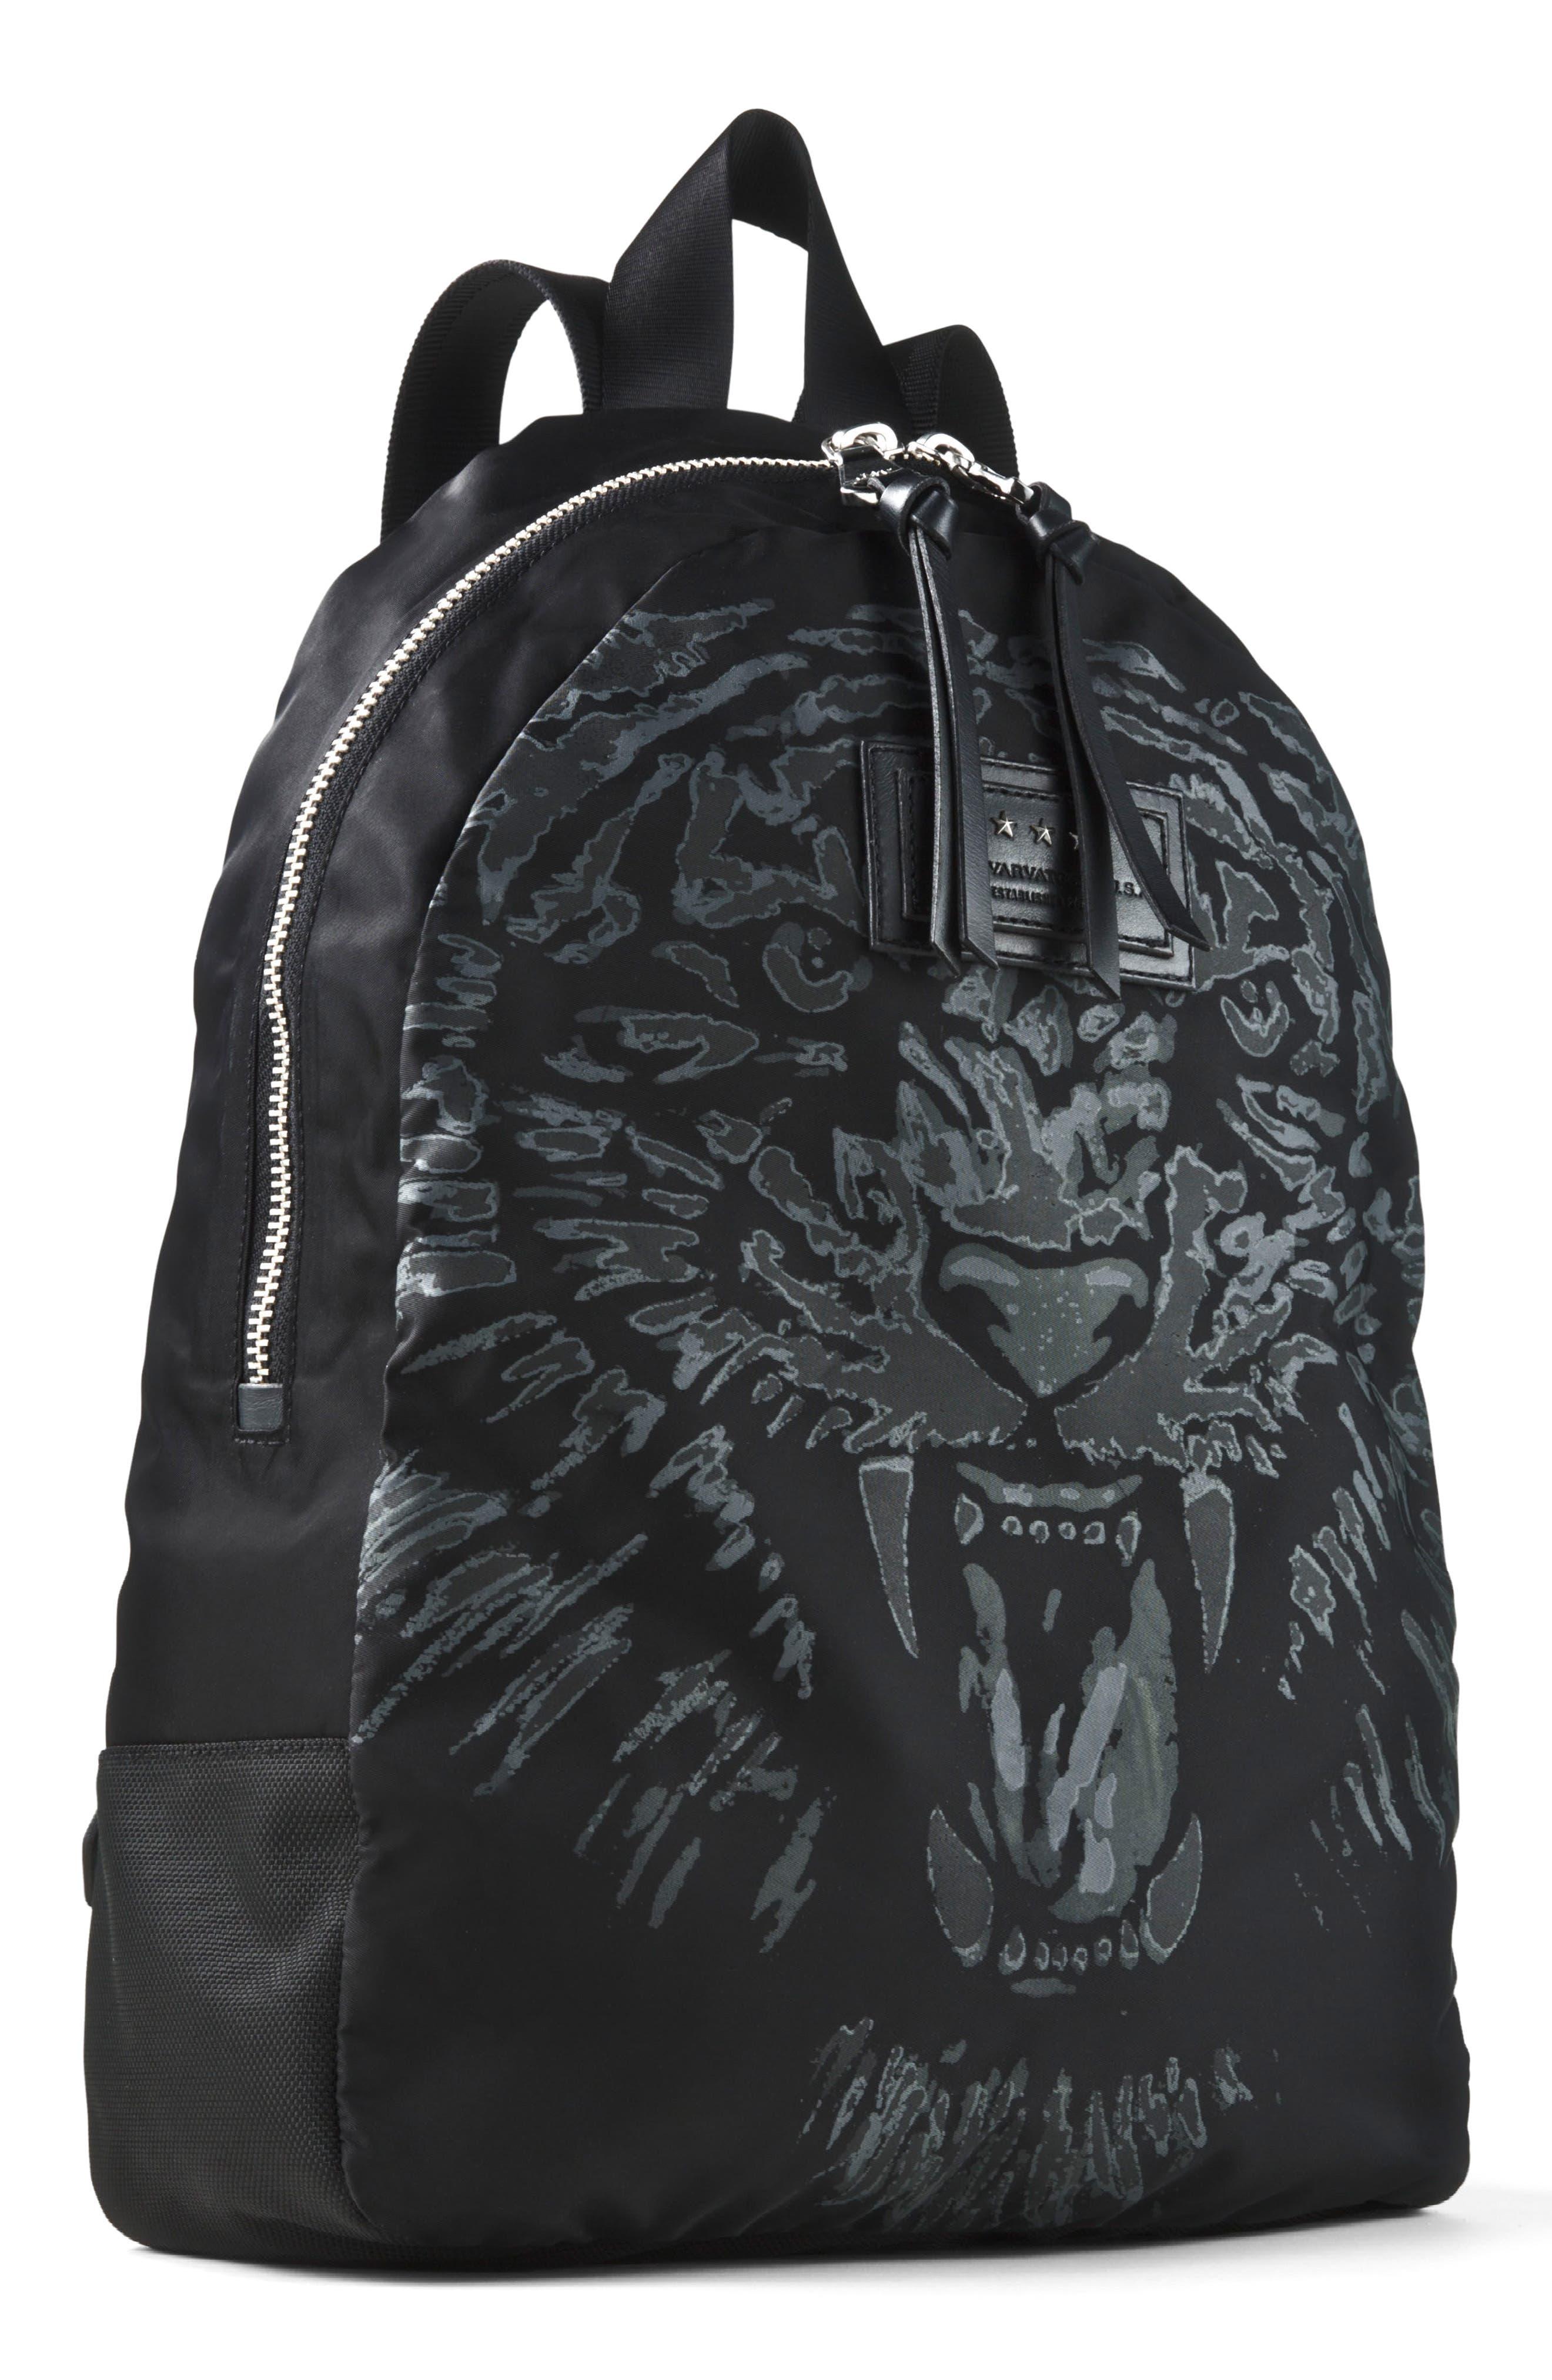 Tiger Print Backpack,                             Main thumbnail 1, color,                             Black